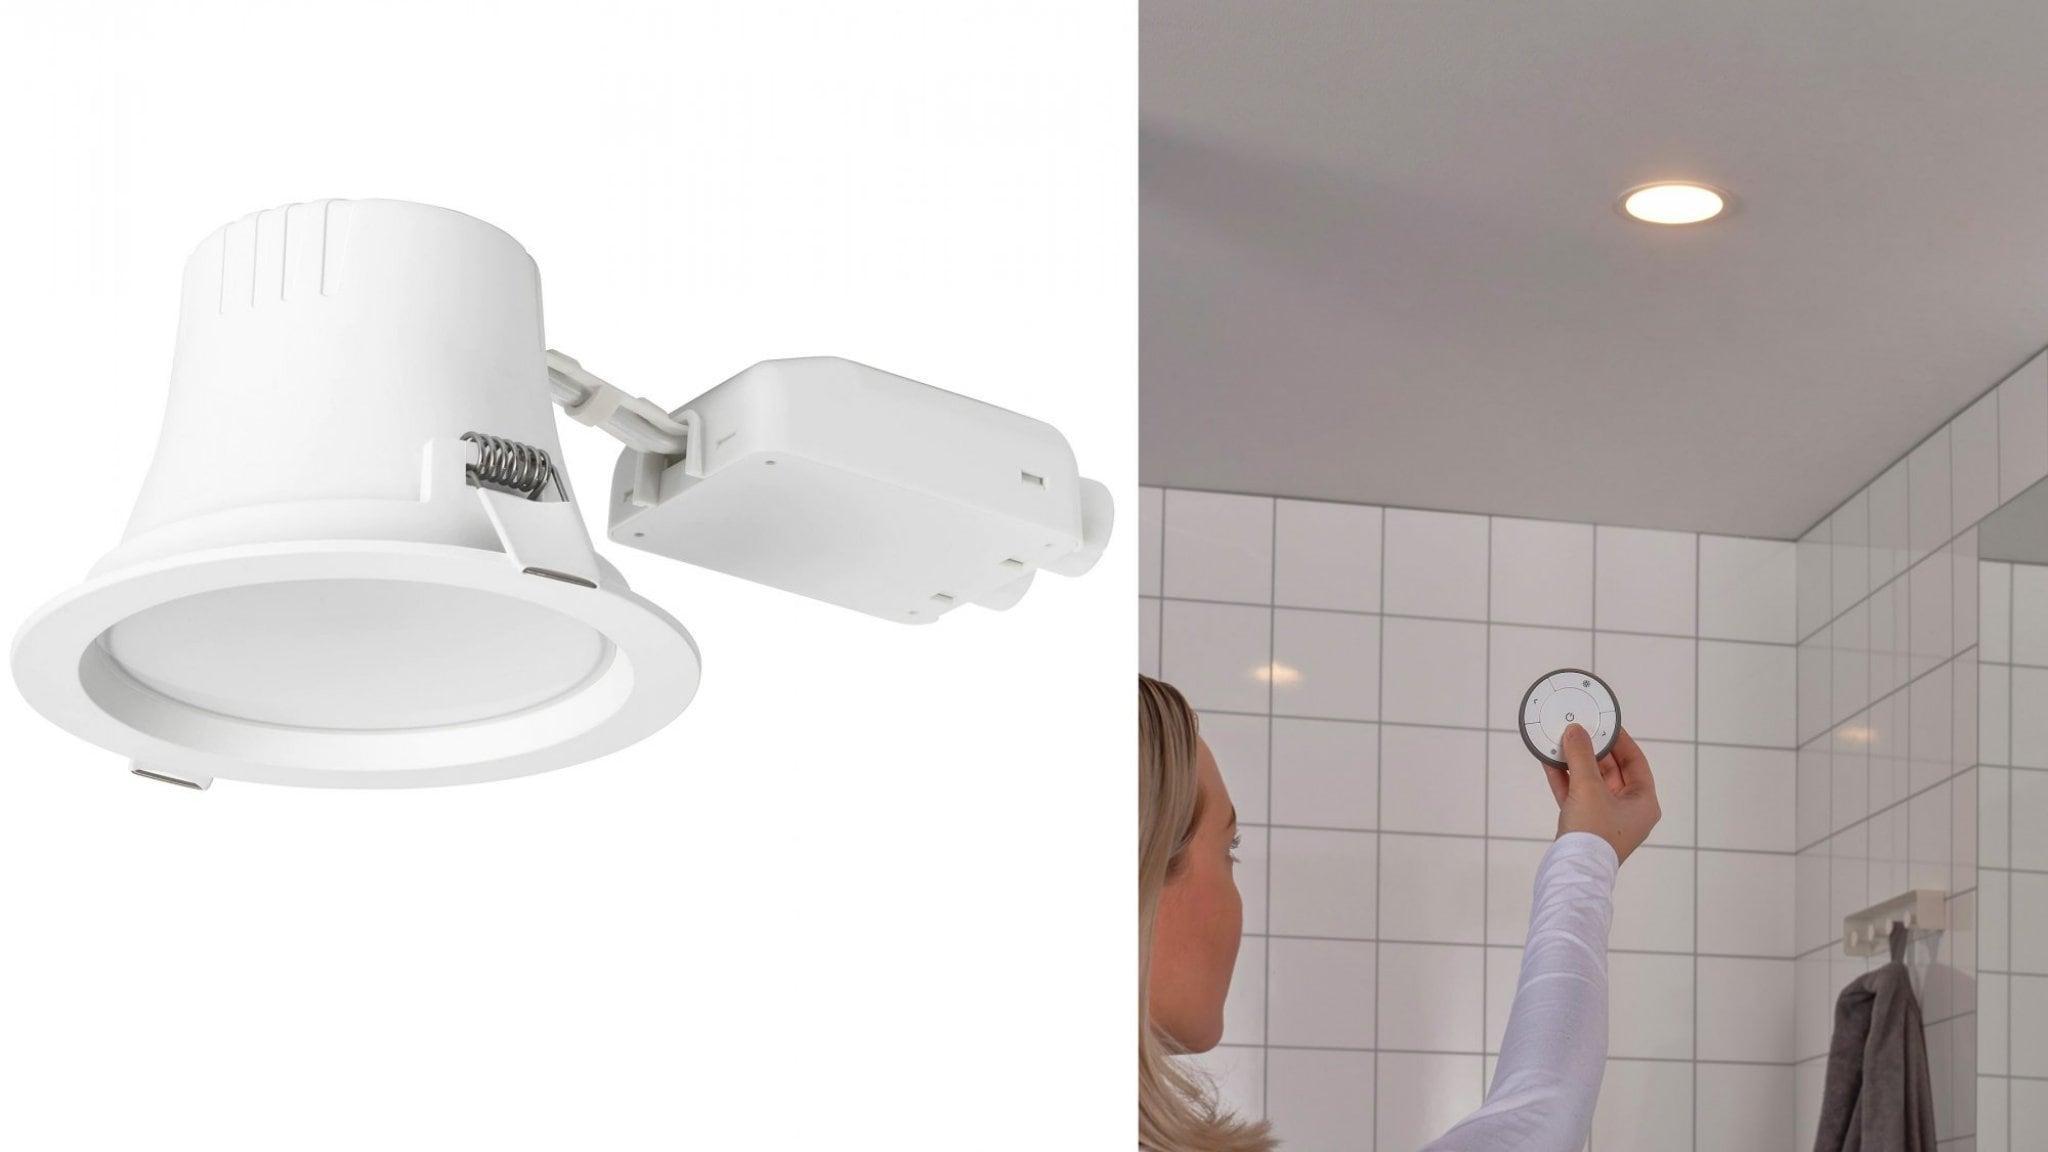 Lampen Ikea Plafond